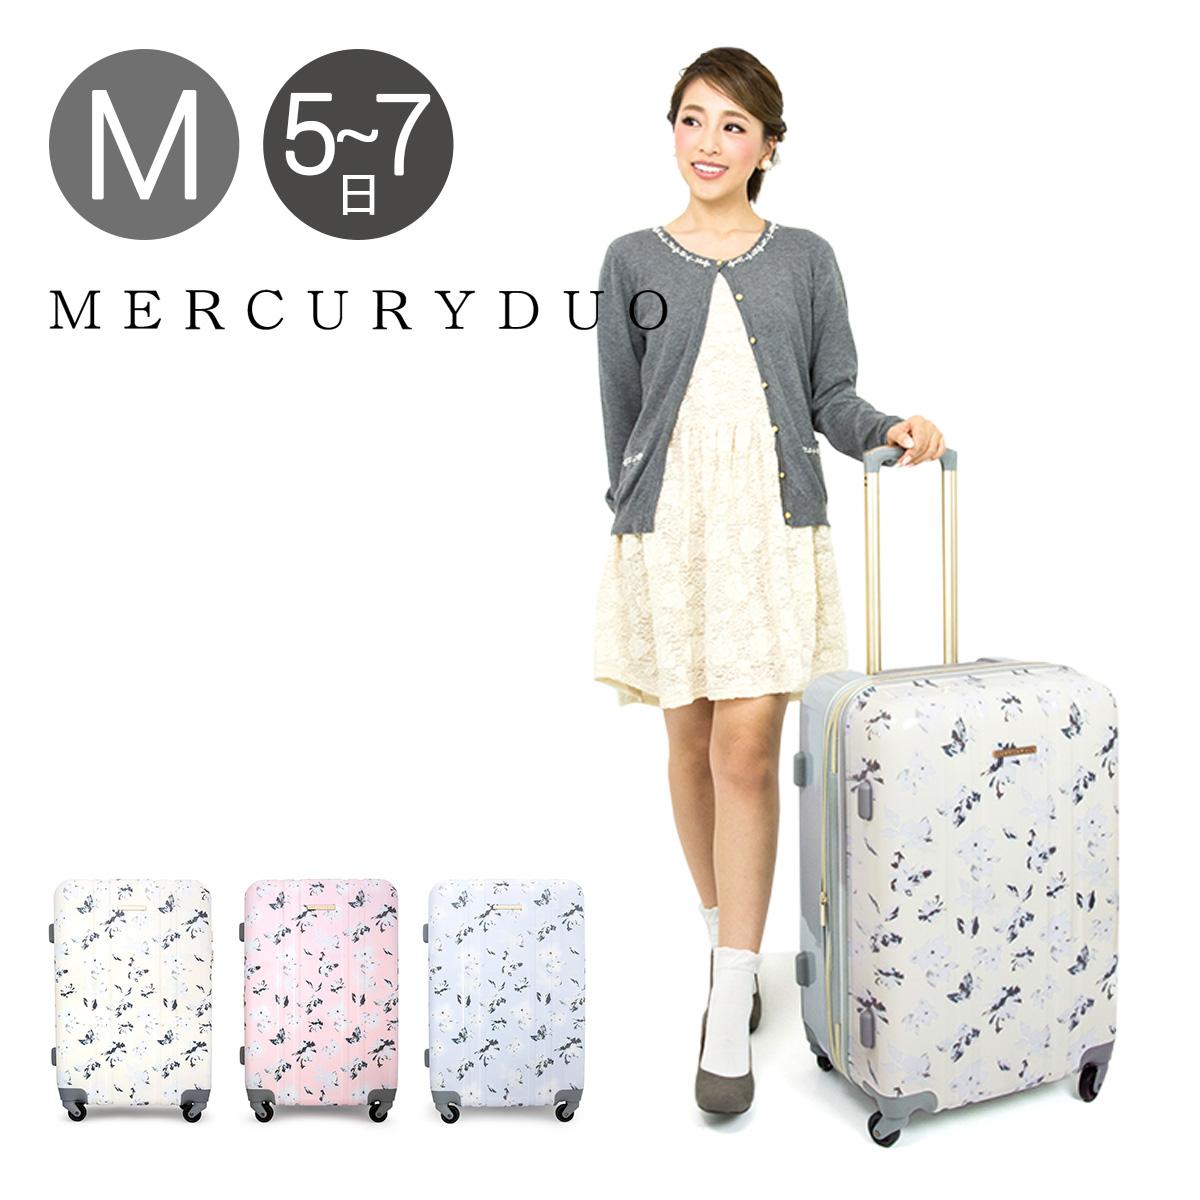 マーキュリーデュオ キャリーケース レディース スーツケース キャリーカート TSAロック搭載 拡張式 MD-0717-61 61cm レディース MERCURYDUO 【PO5】【bef】【即日発送】